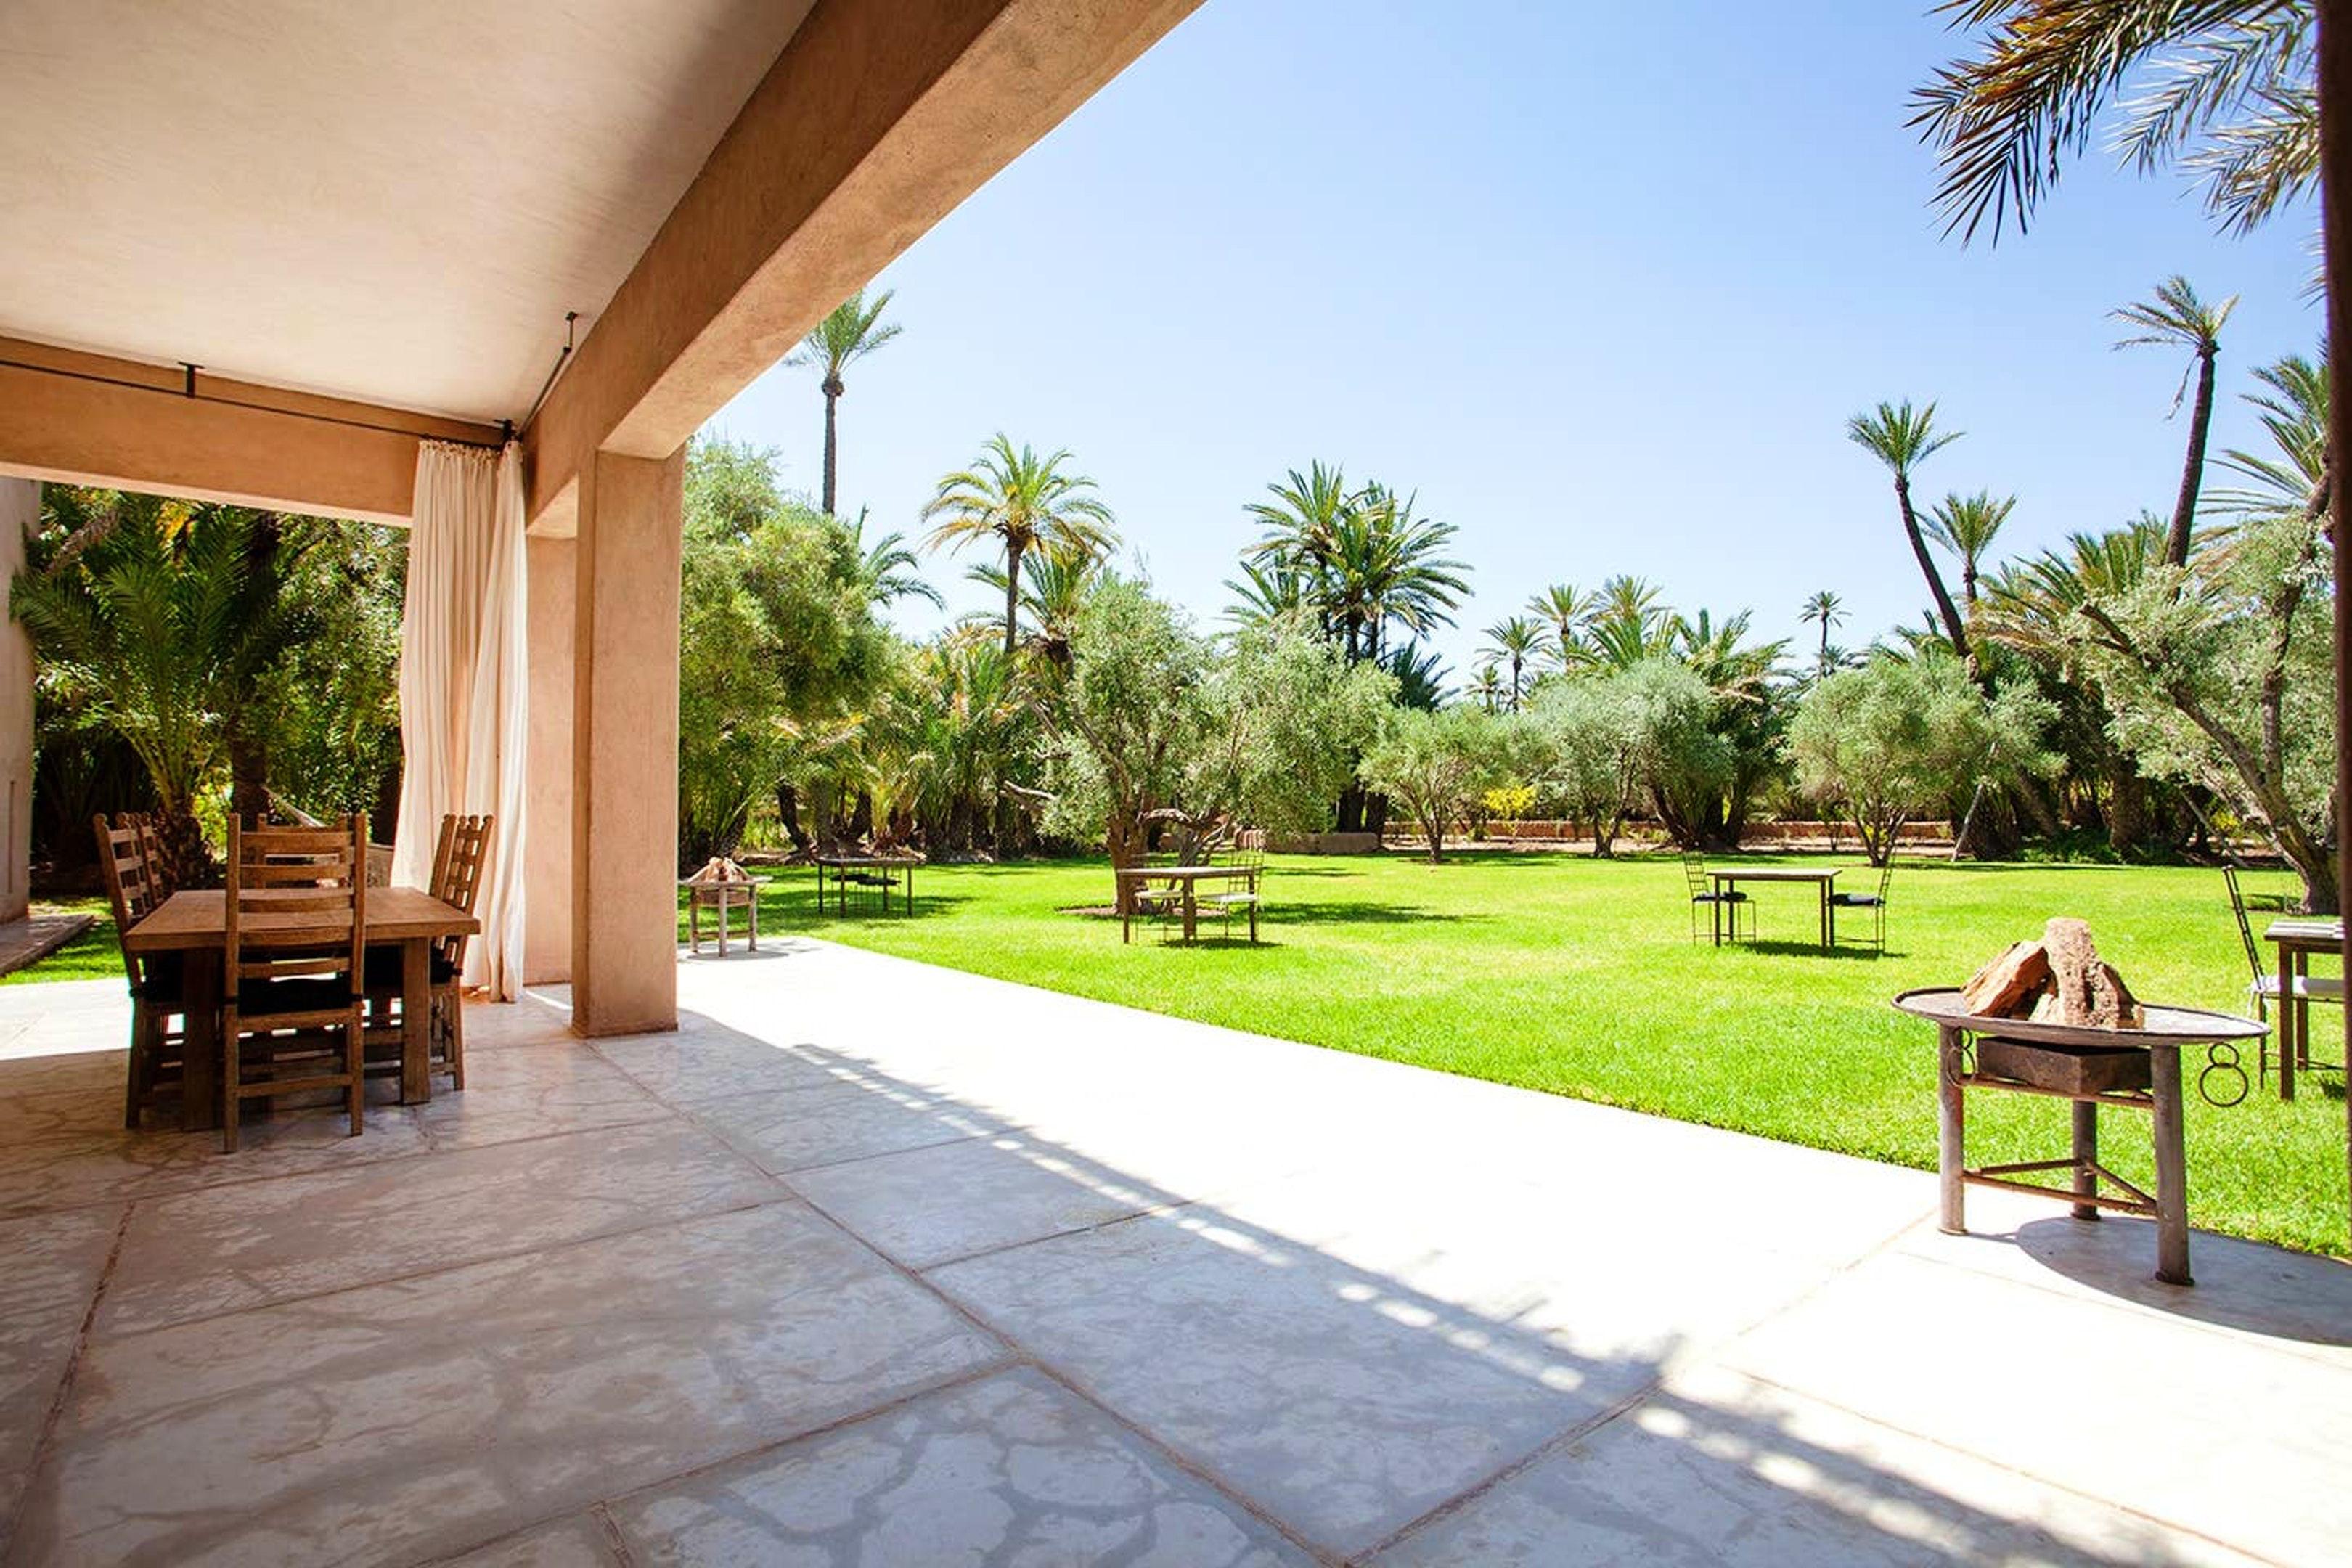 Villa mit 7 Schlafzimmern in Marrakech mit private Villa in Afrika